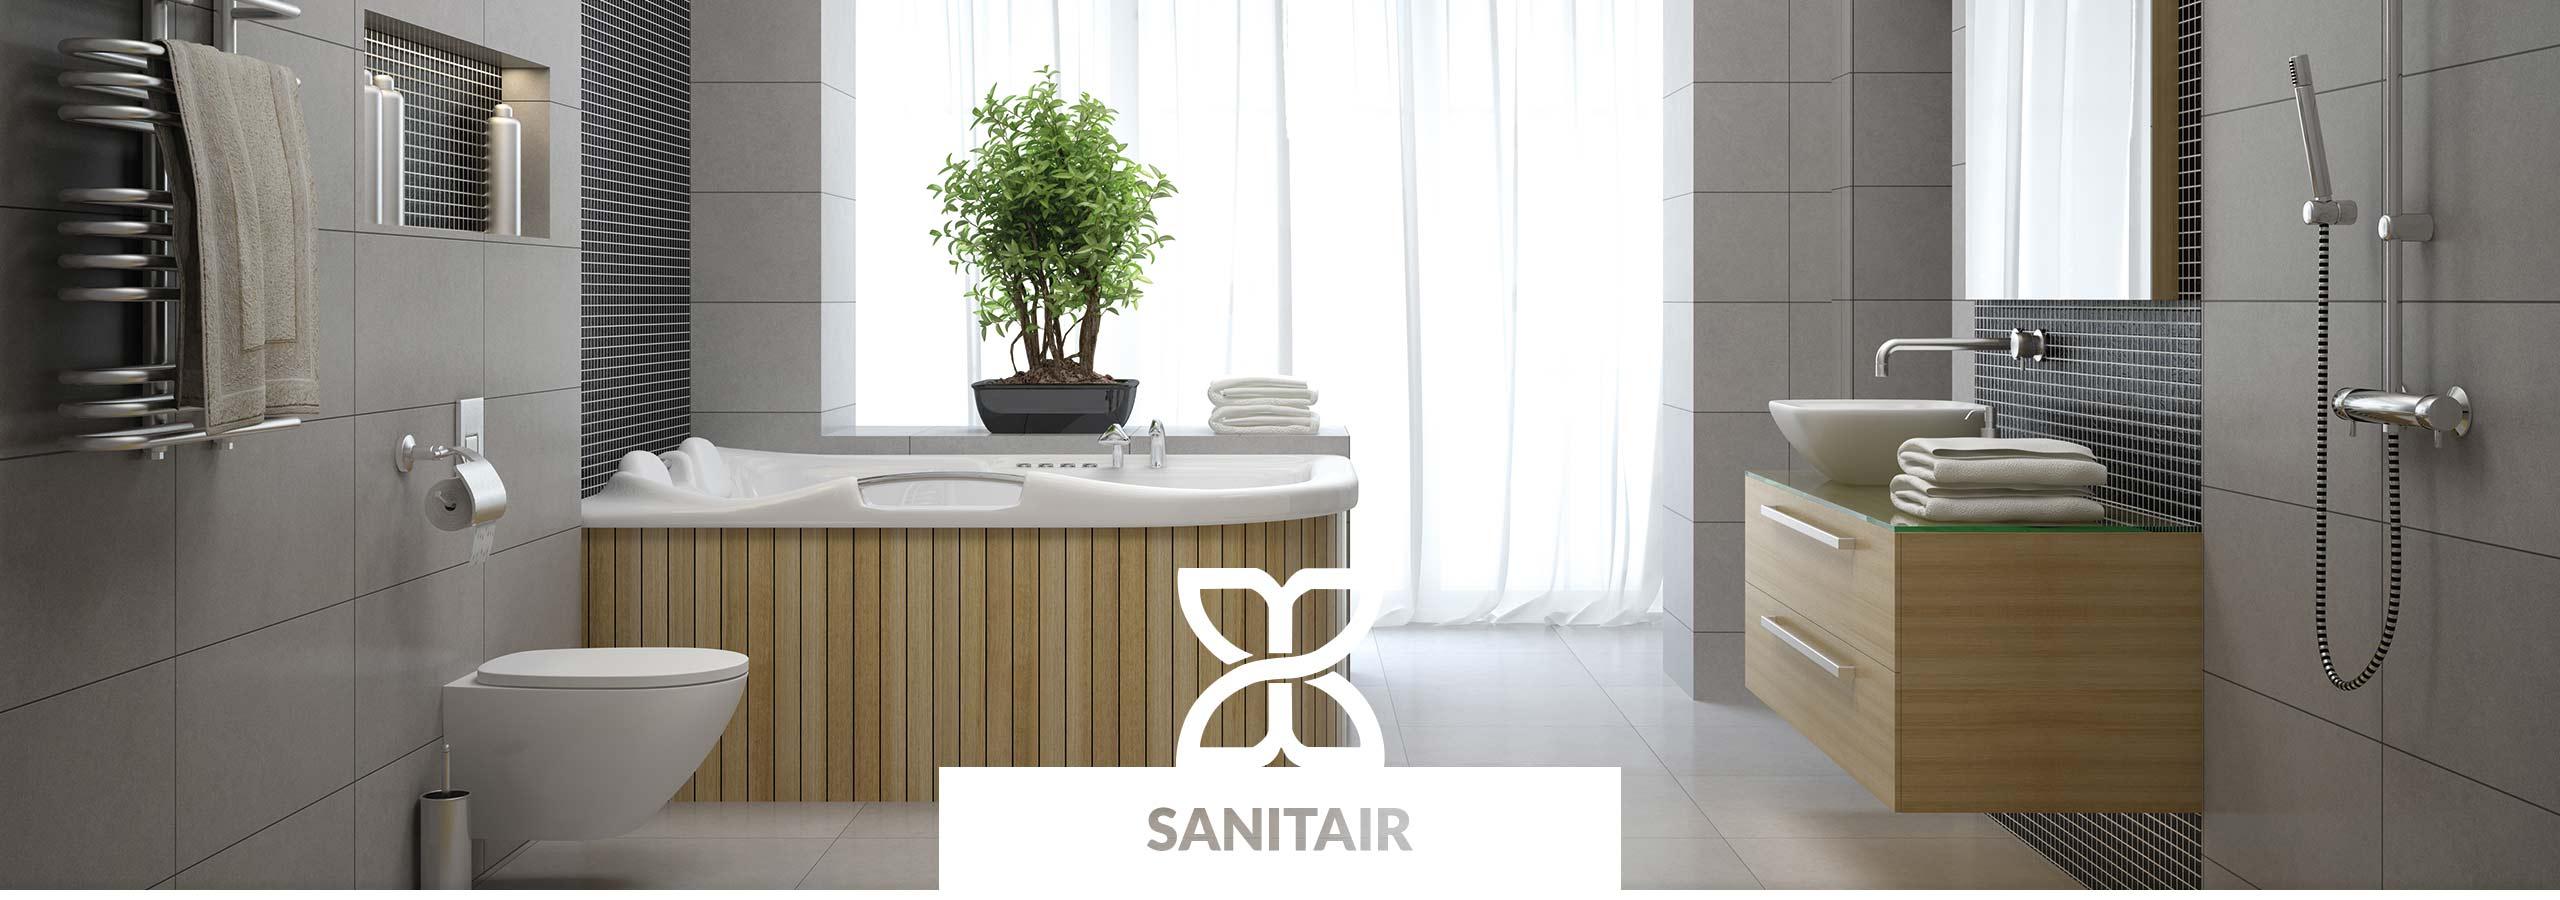 badkamer verbouwen door de installateur uit zevenaar